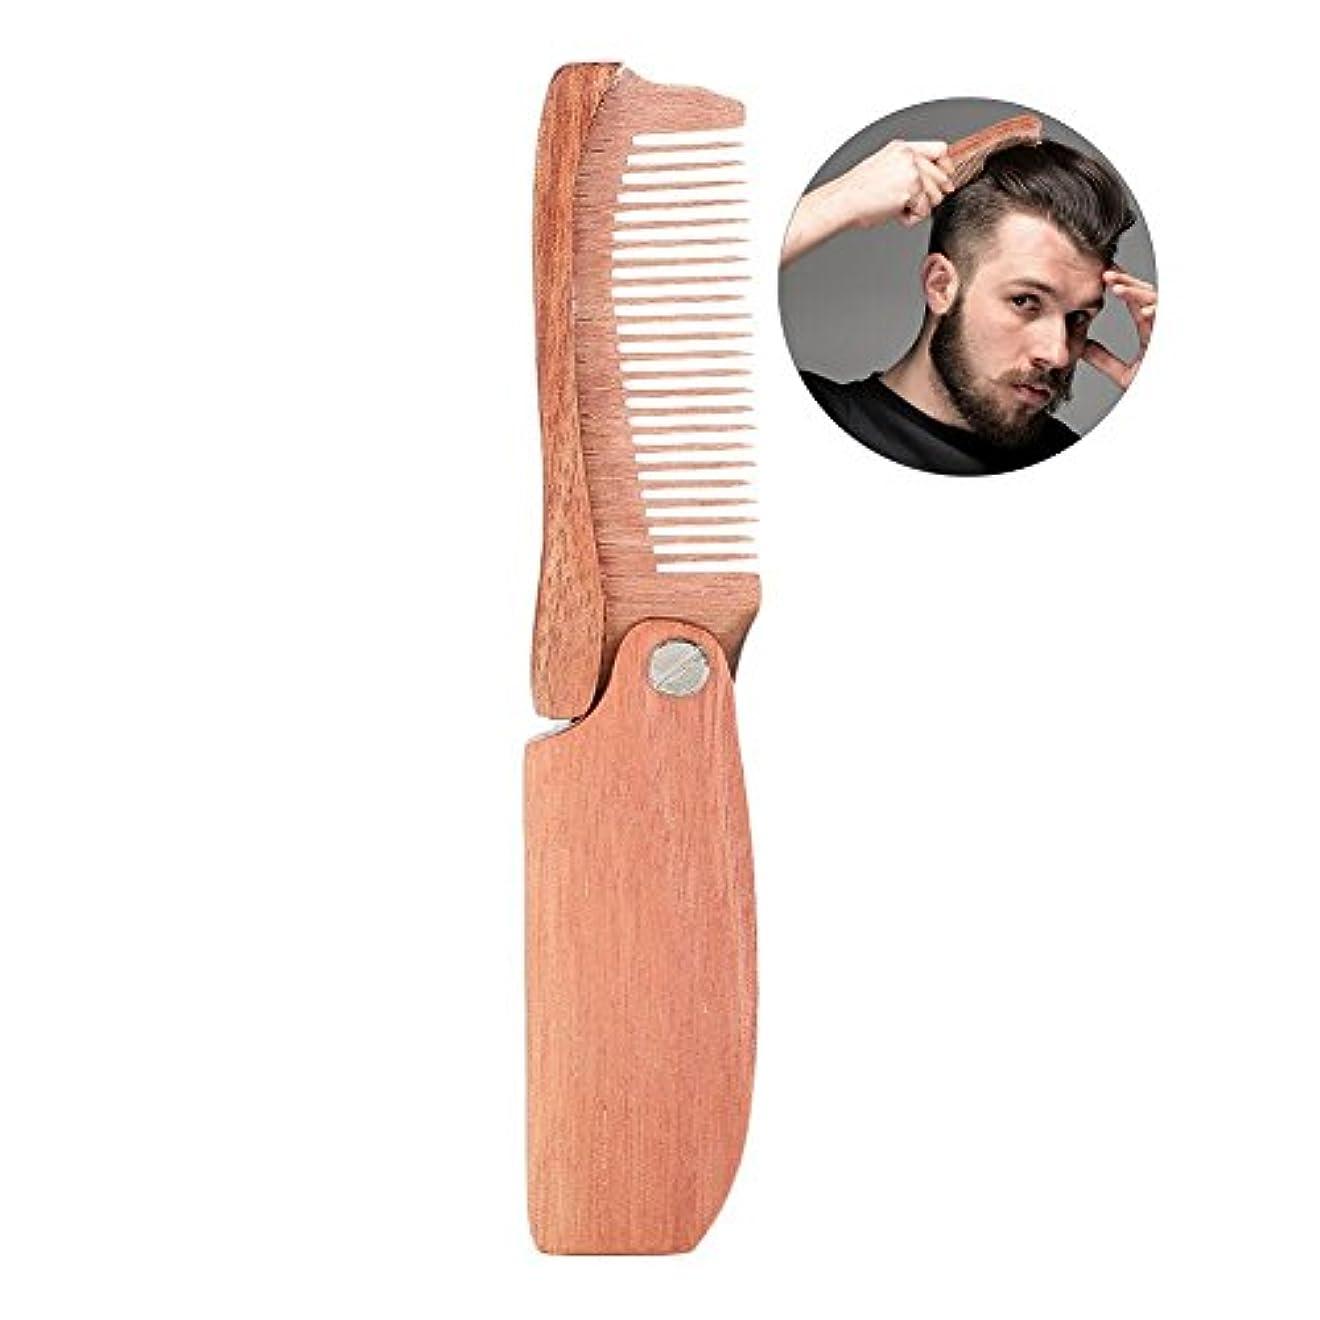 発明アクセスアリ天然木の髭の櫛、折り畳みポケット 口髭シェイプの櫛 メンズスタイリングくしツール 高級 ヘアケアブラシ 静電気防止 贈り物 旅行や日常使用